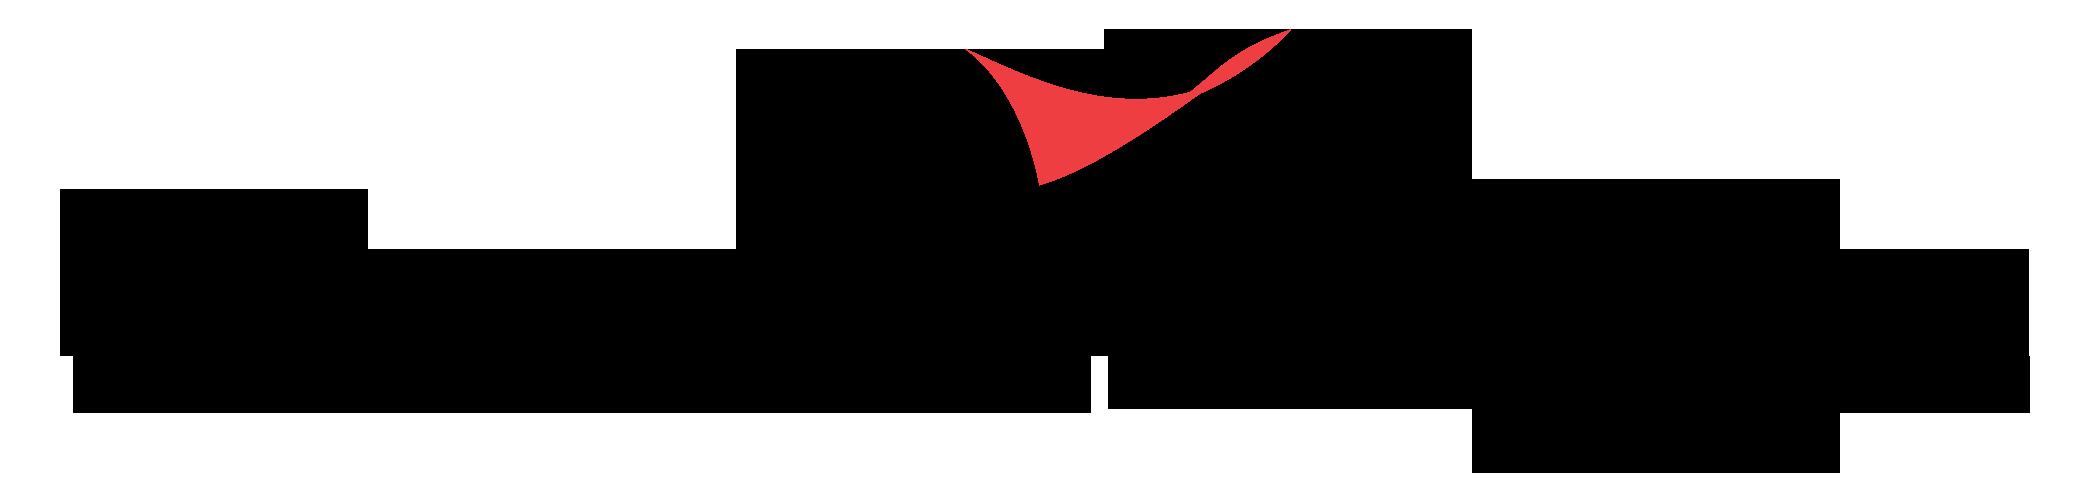 Conoco Phillips company logo